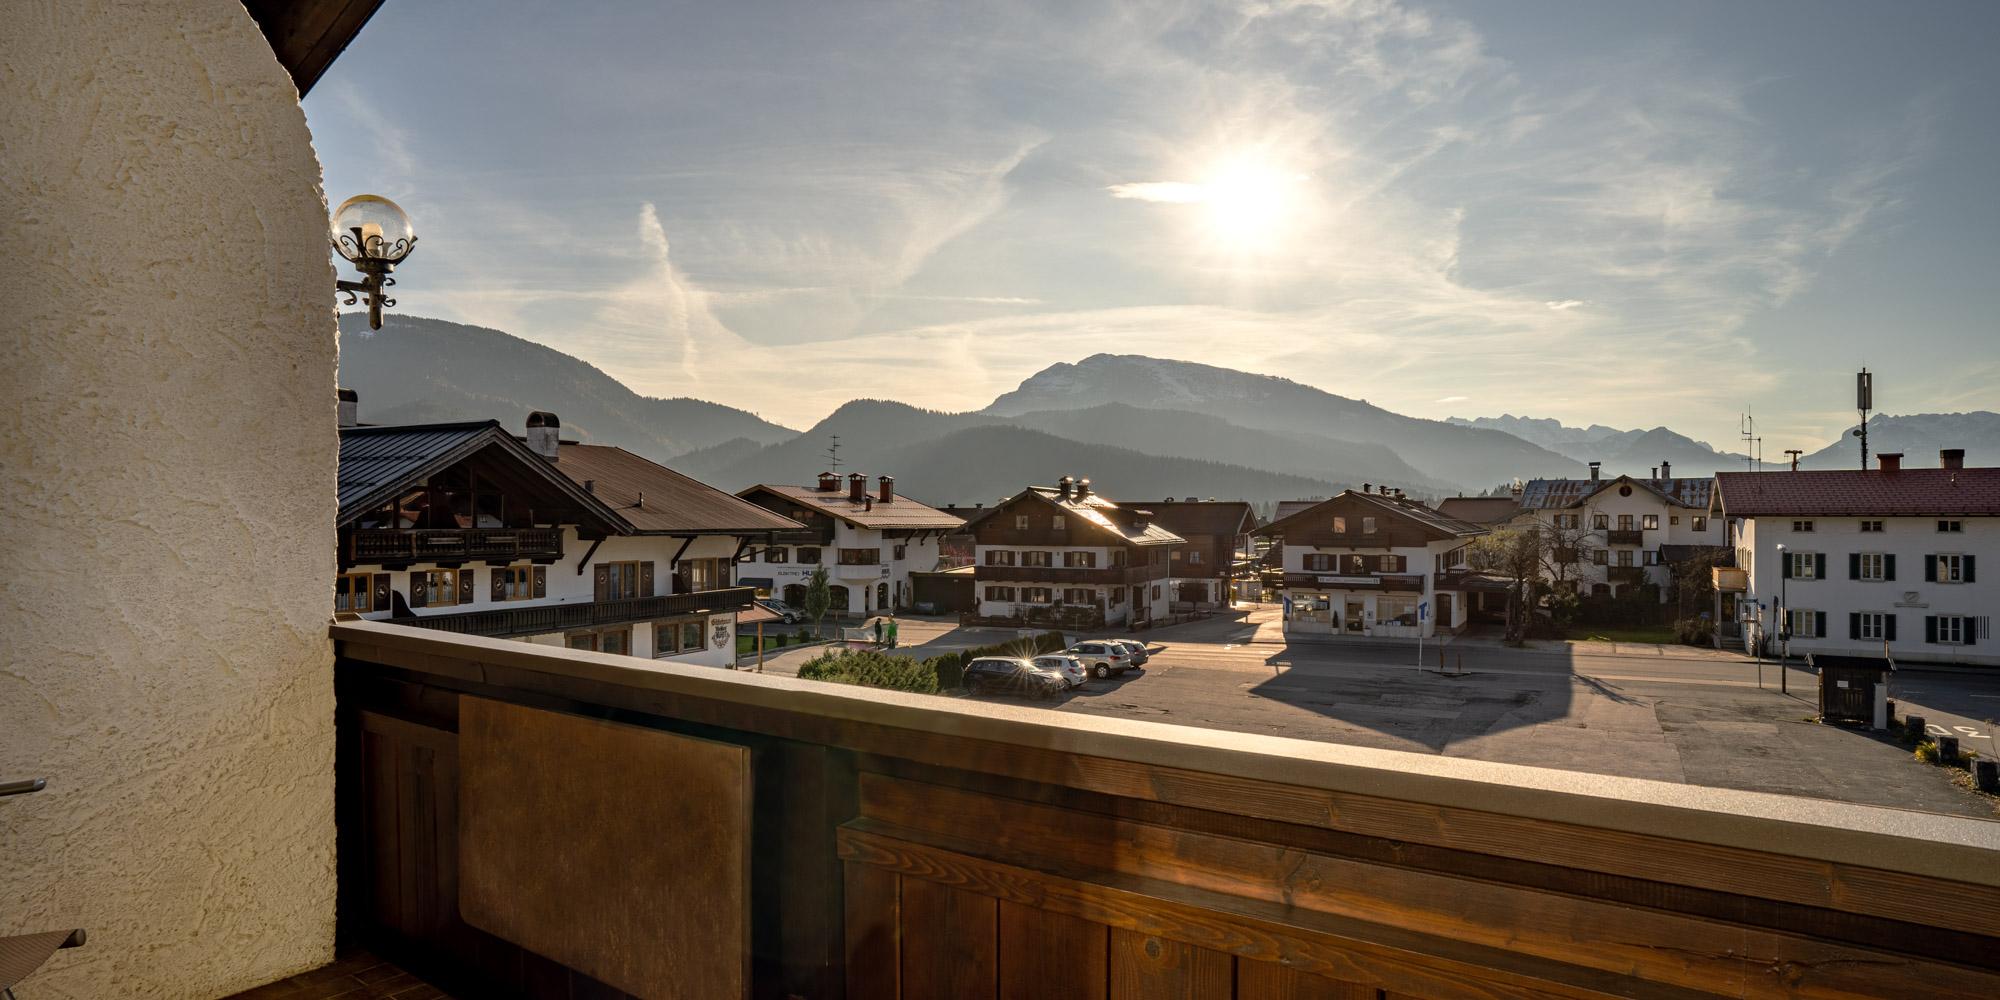 KaiserBlick_Balkon.jpg